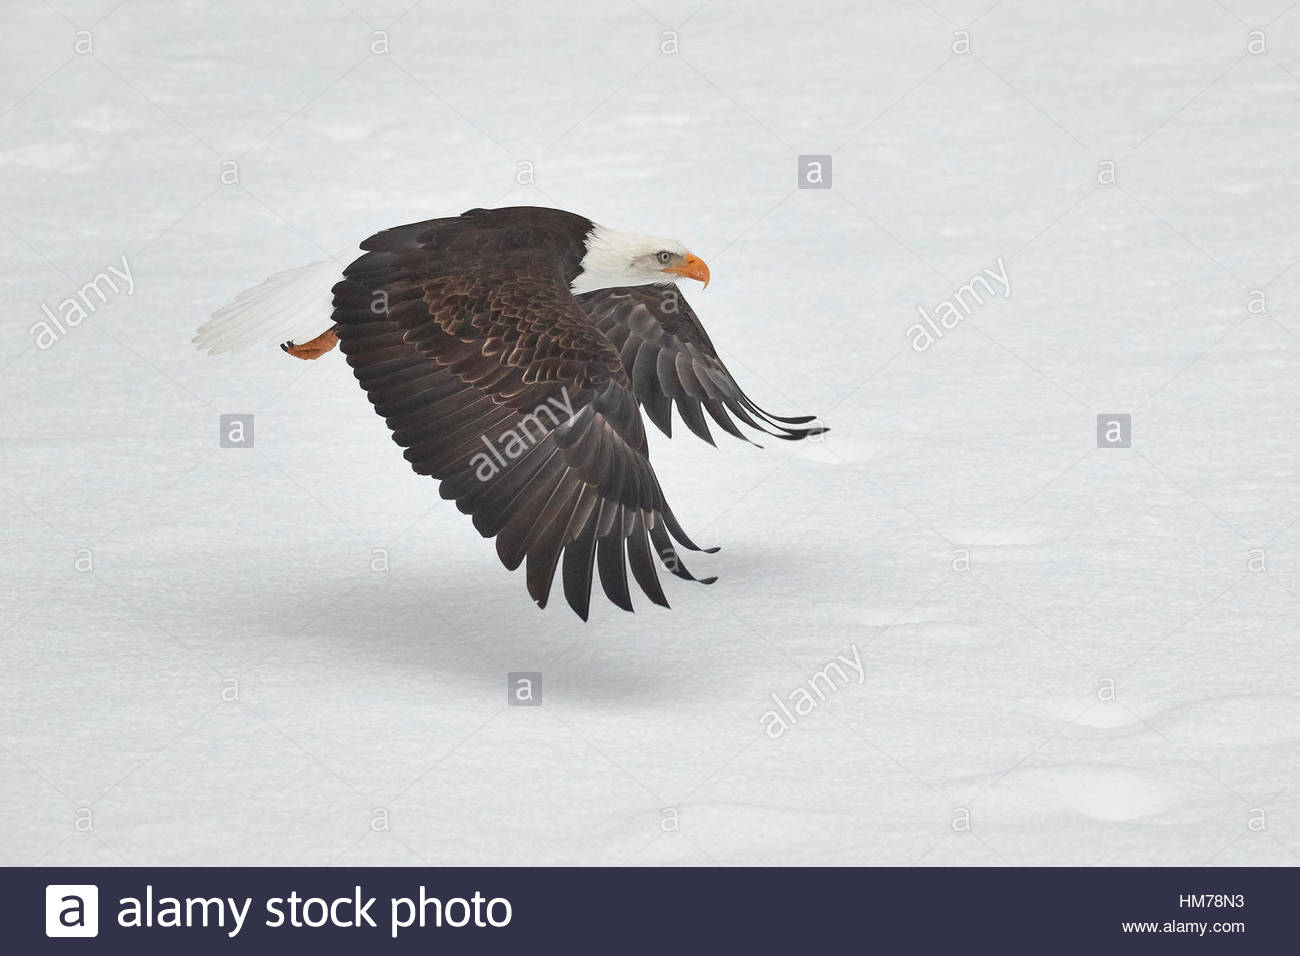 Weißkopf-Seeadler (Haliaeetus Leucocephalus) fliegt niedrig über eine verschneite Kiesbank im Fluss Nooksack Stockbild